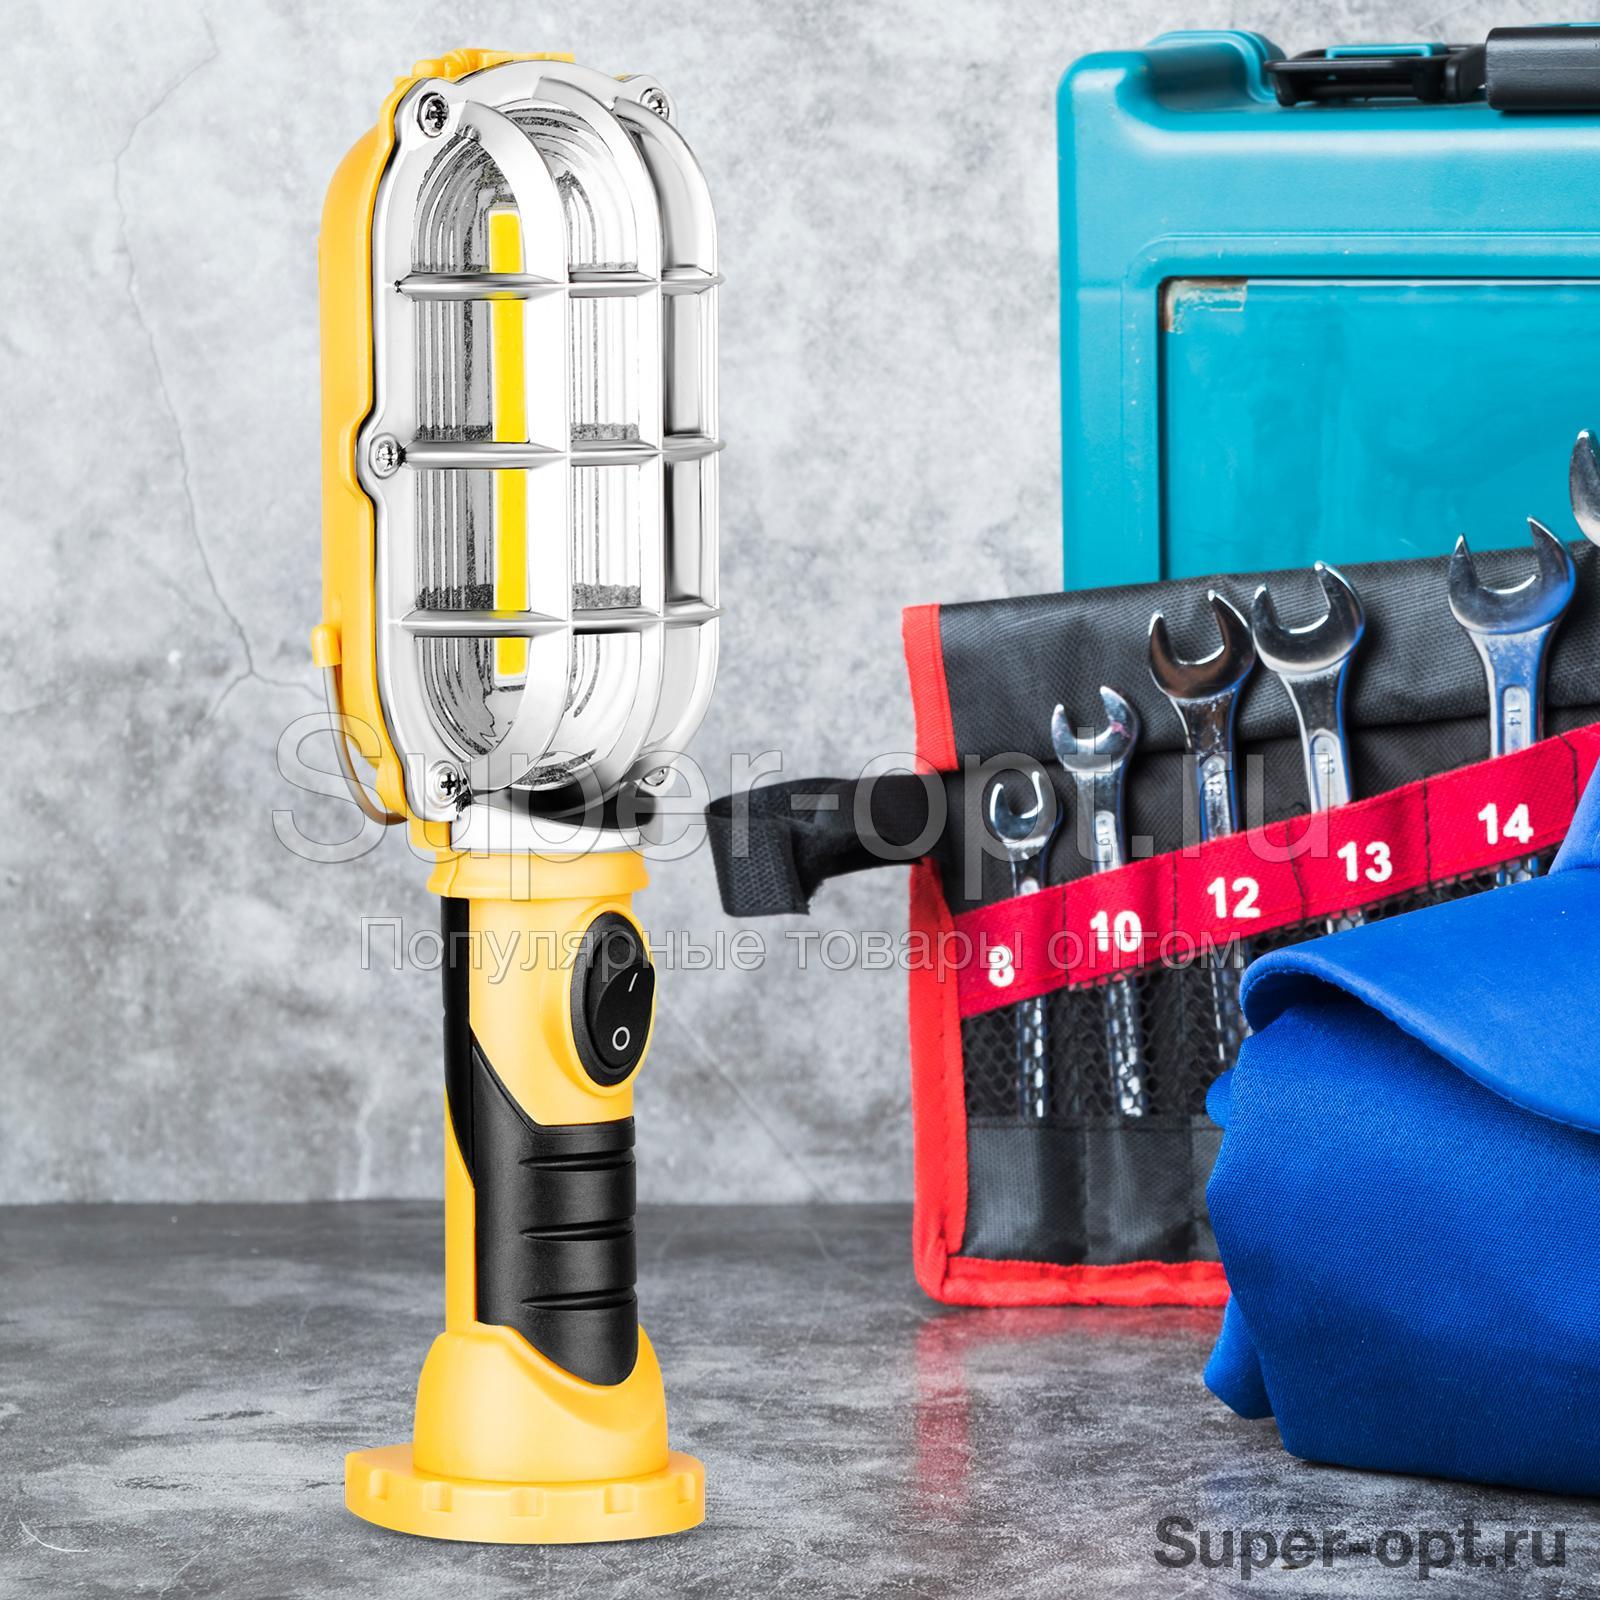 Переносной светодиодный фонарь Easy Brite, рабочая лампа с магнитом оптом